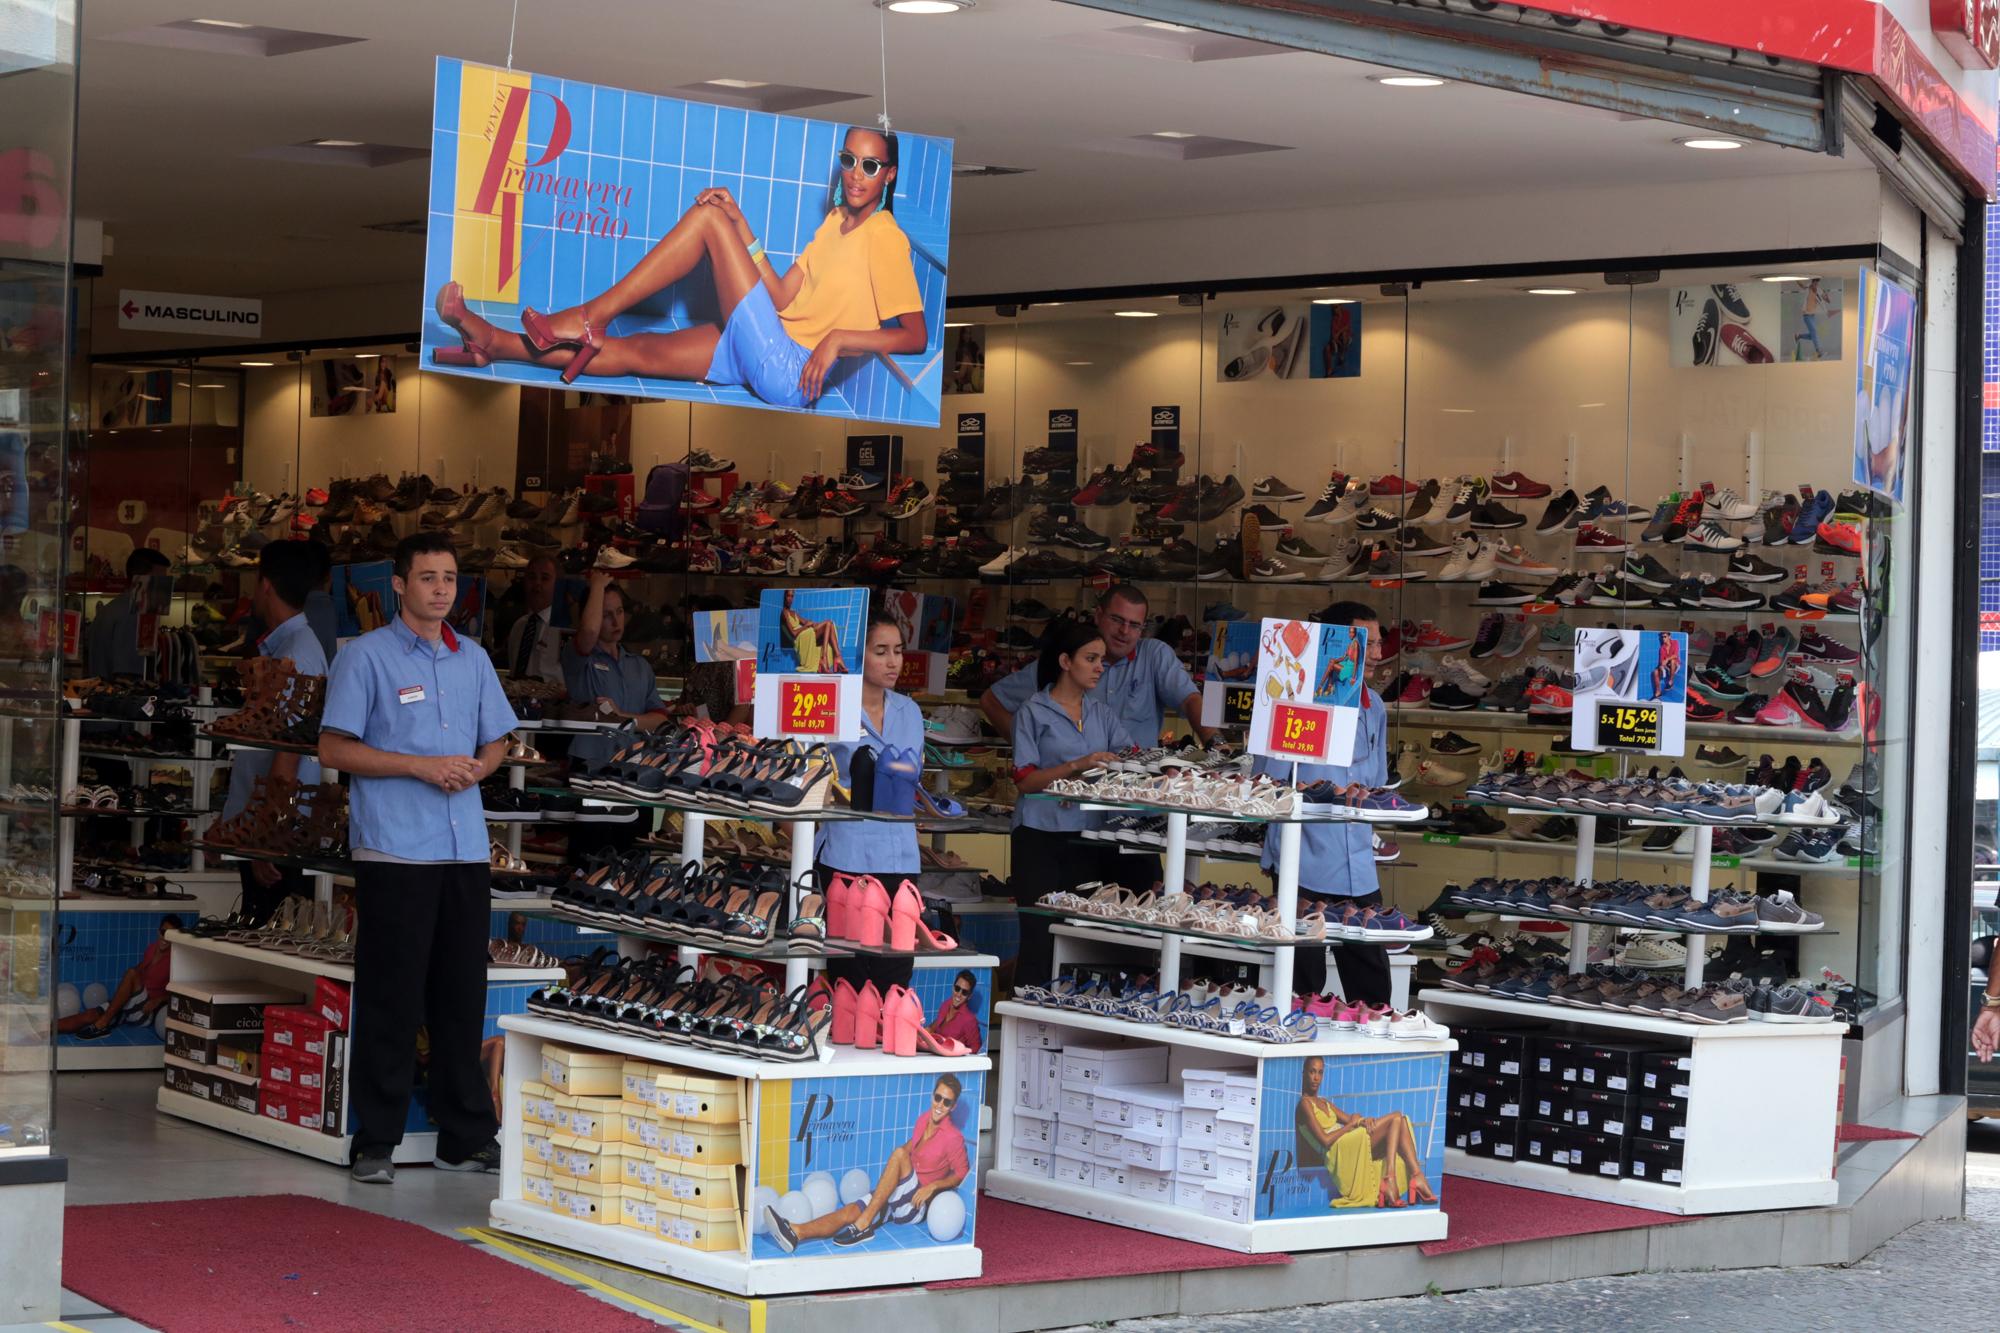 Entenda quem tem o poder de abrir a loja em horários diversos